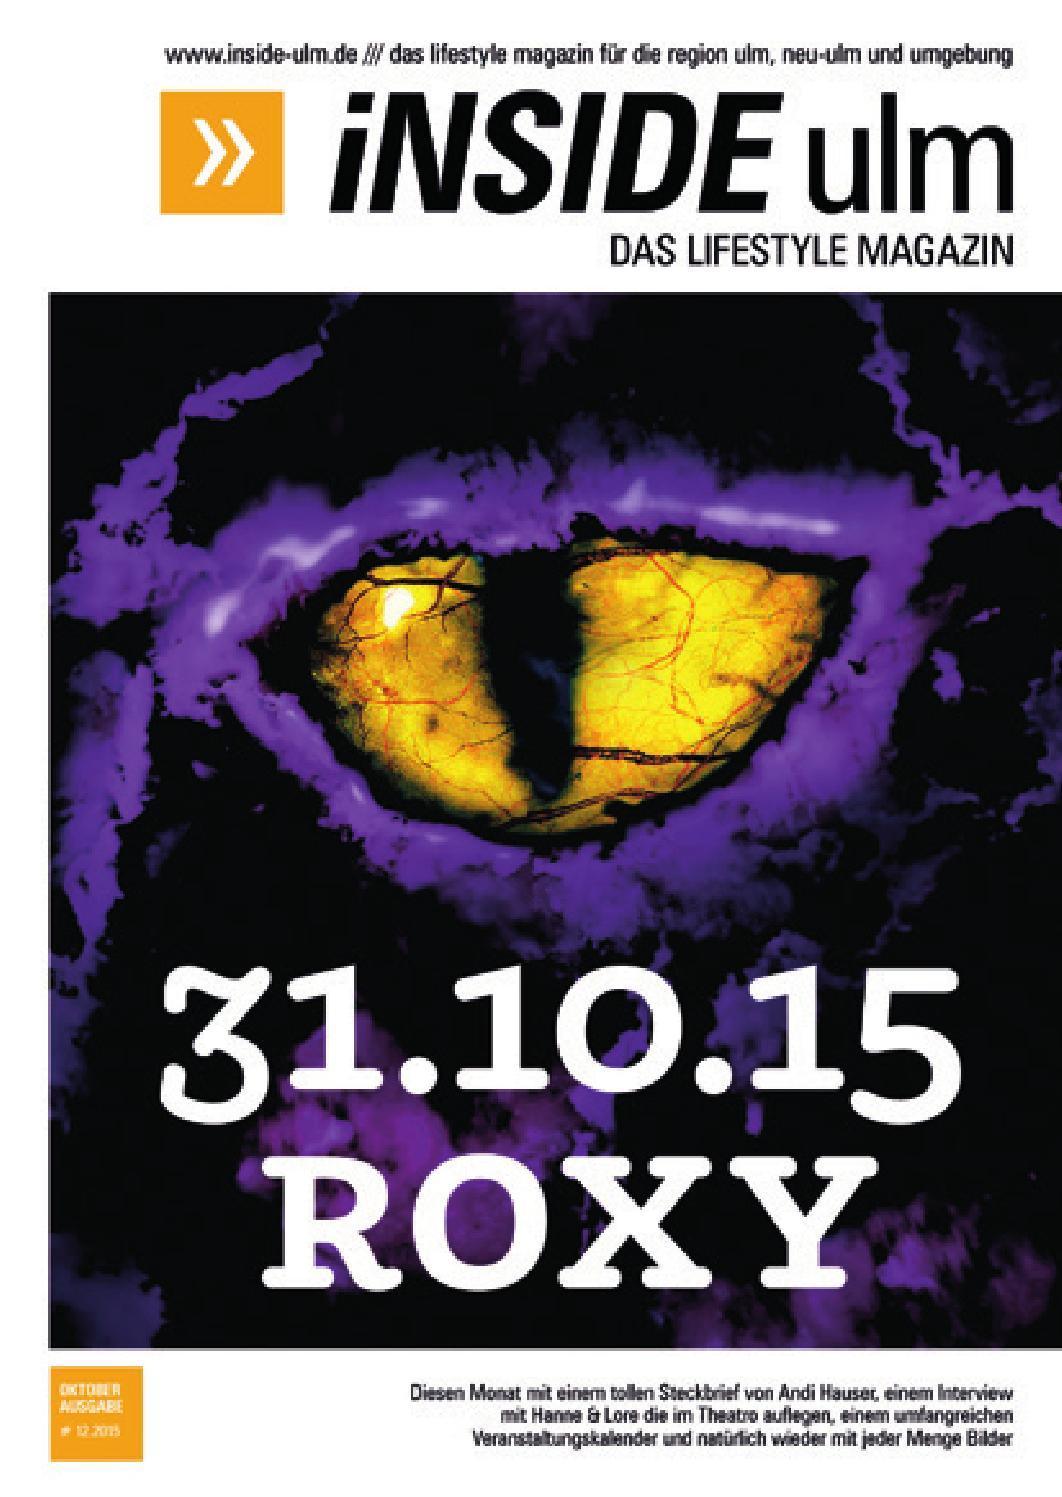 Bilder Halloween Roxy Ulm.Inside Ulm Das Lifestyle Magazin Ausgabe Oktober 2015 By Jurgen Diebold Issuu